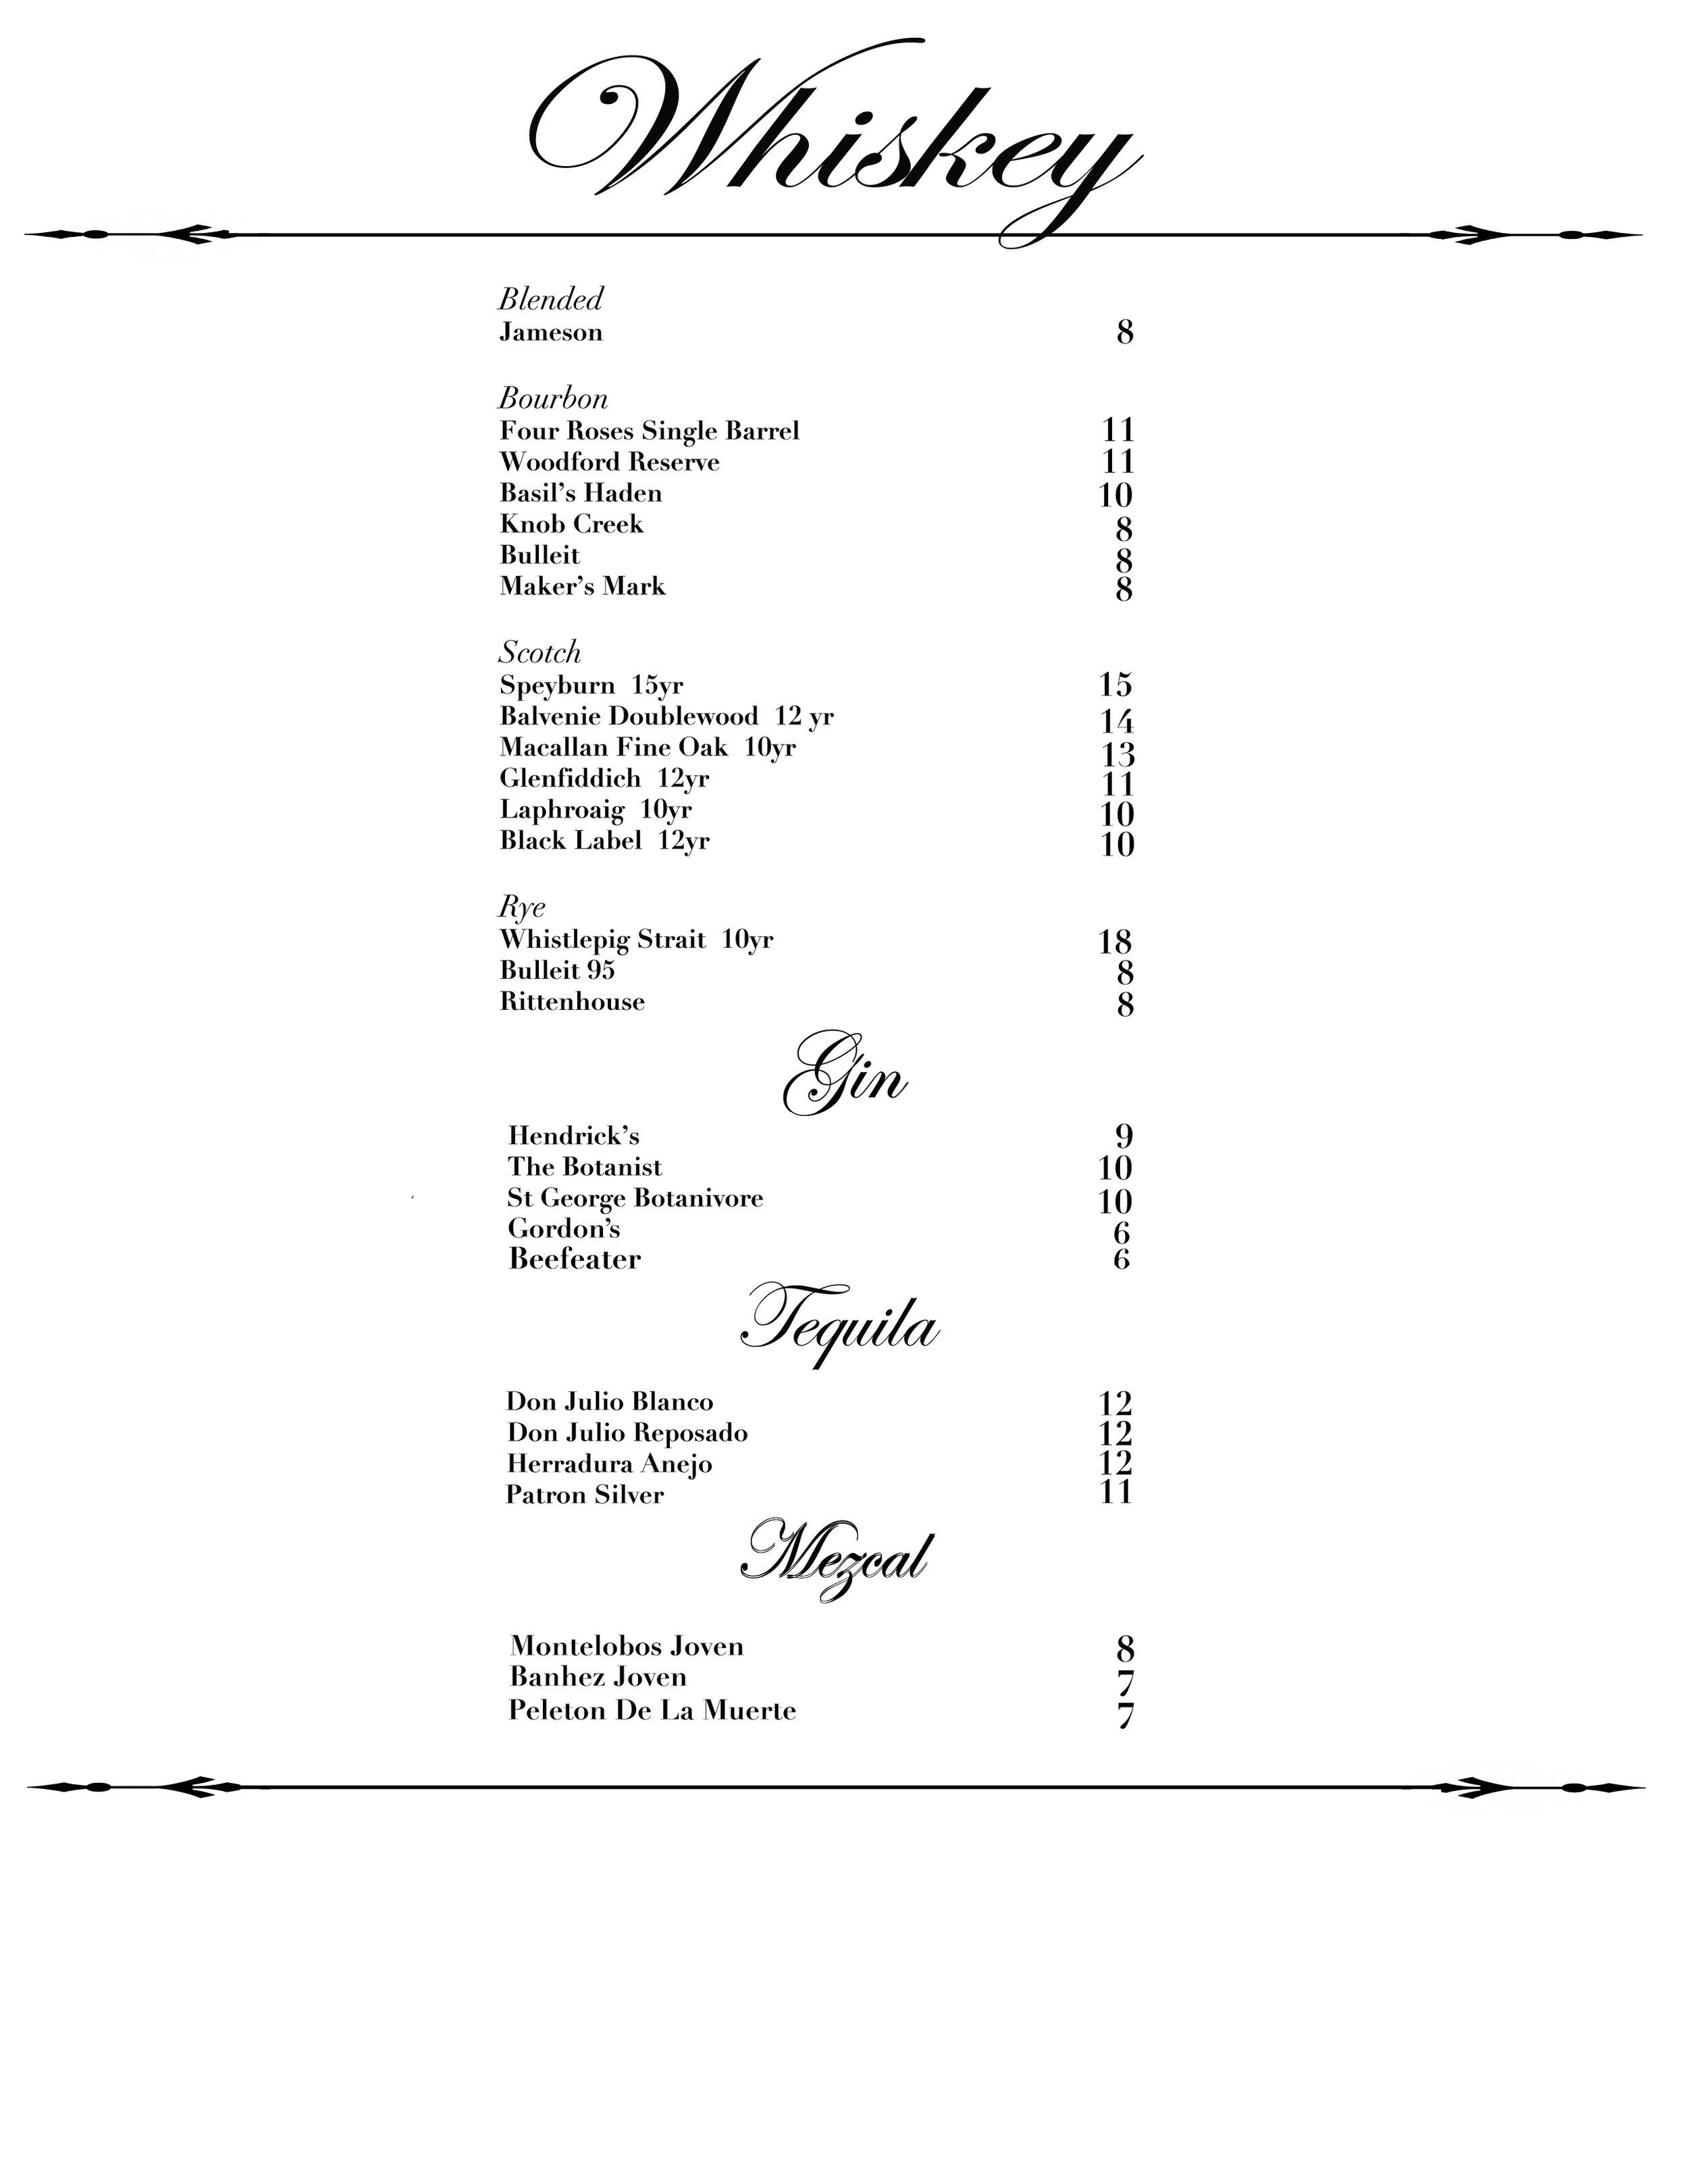 whiskey_new_menu_complete.jpg